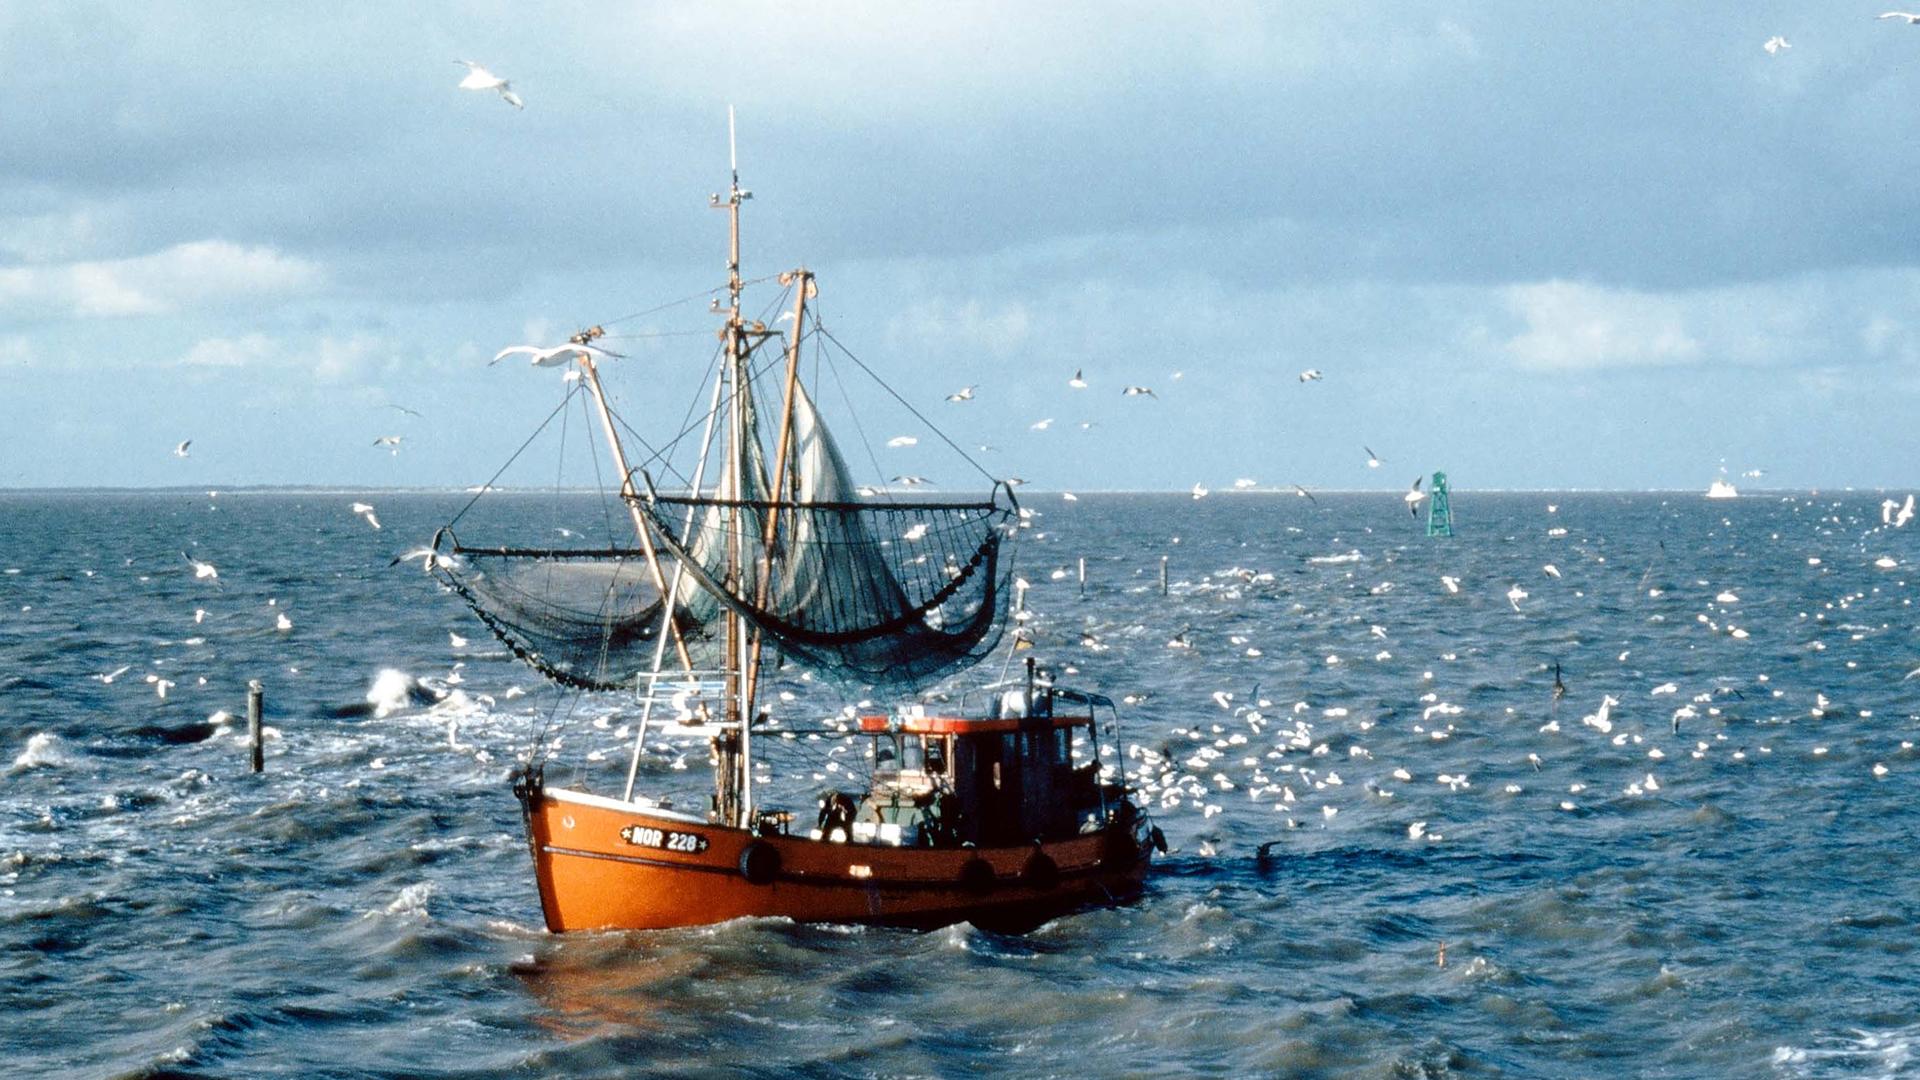 Fischfang auf der Nordsee ist auch nicht immer nachhaltig